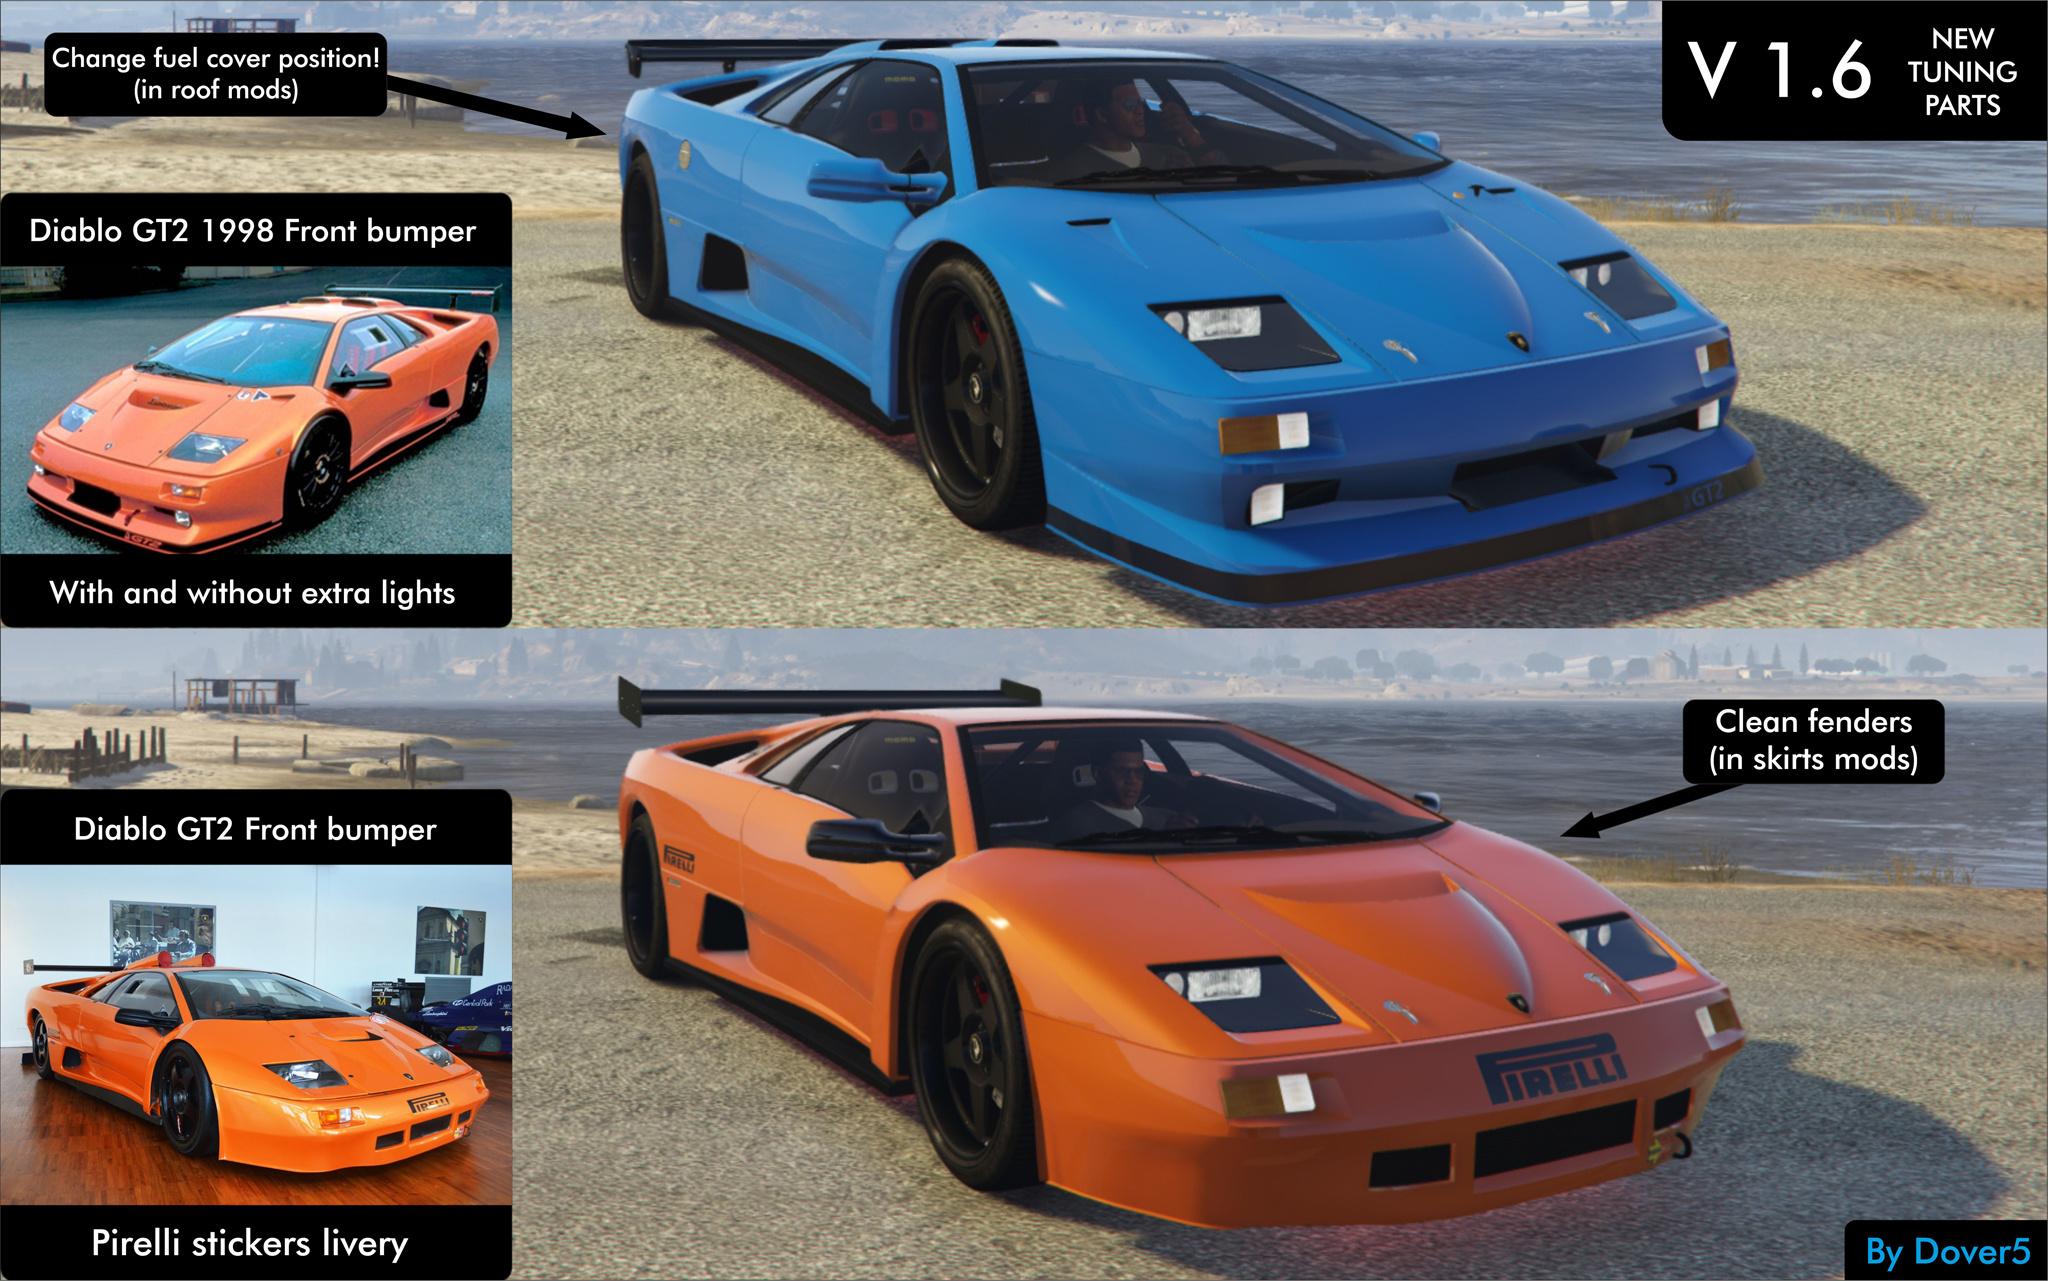 cars auto bild accessories and sale date for idee lamborghini release parts redesign